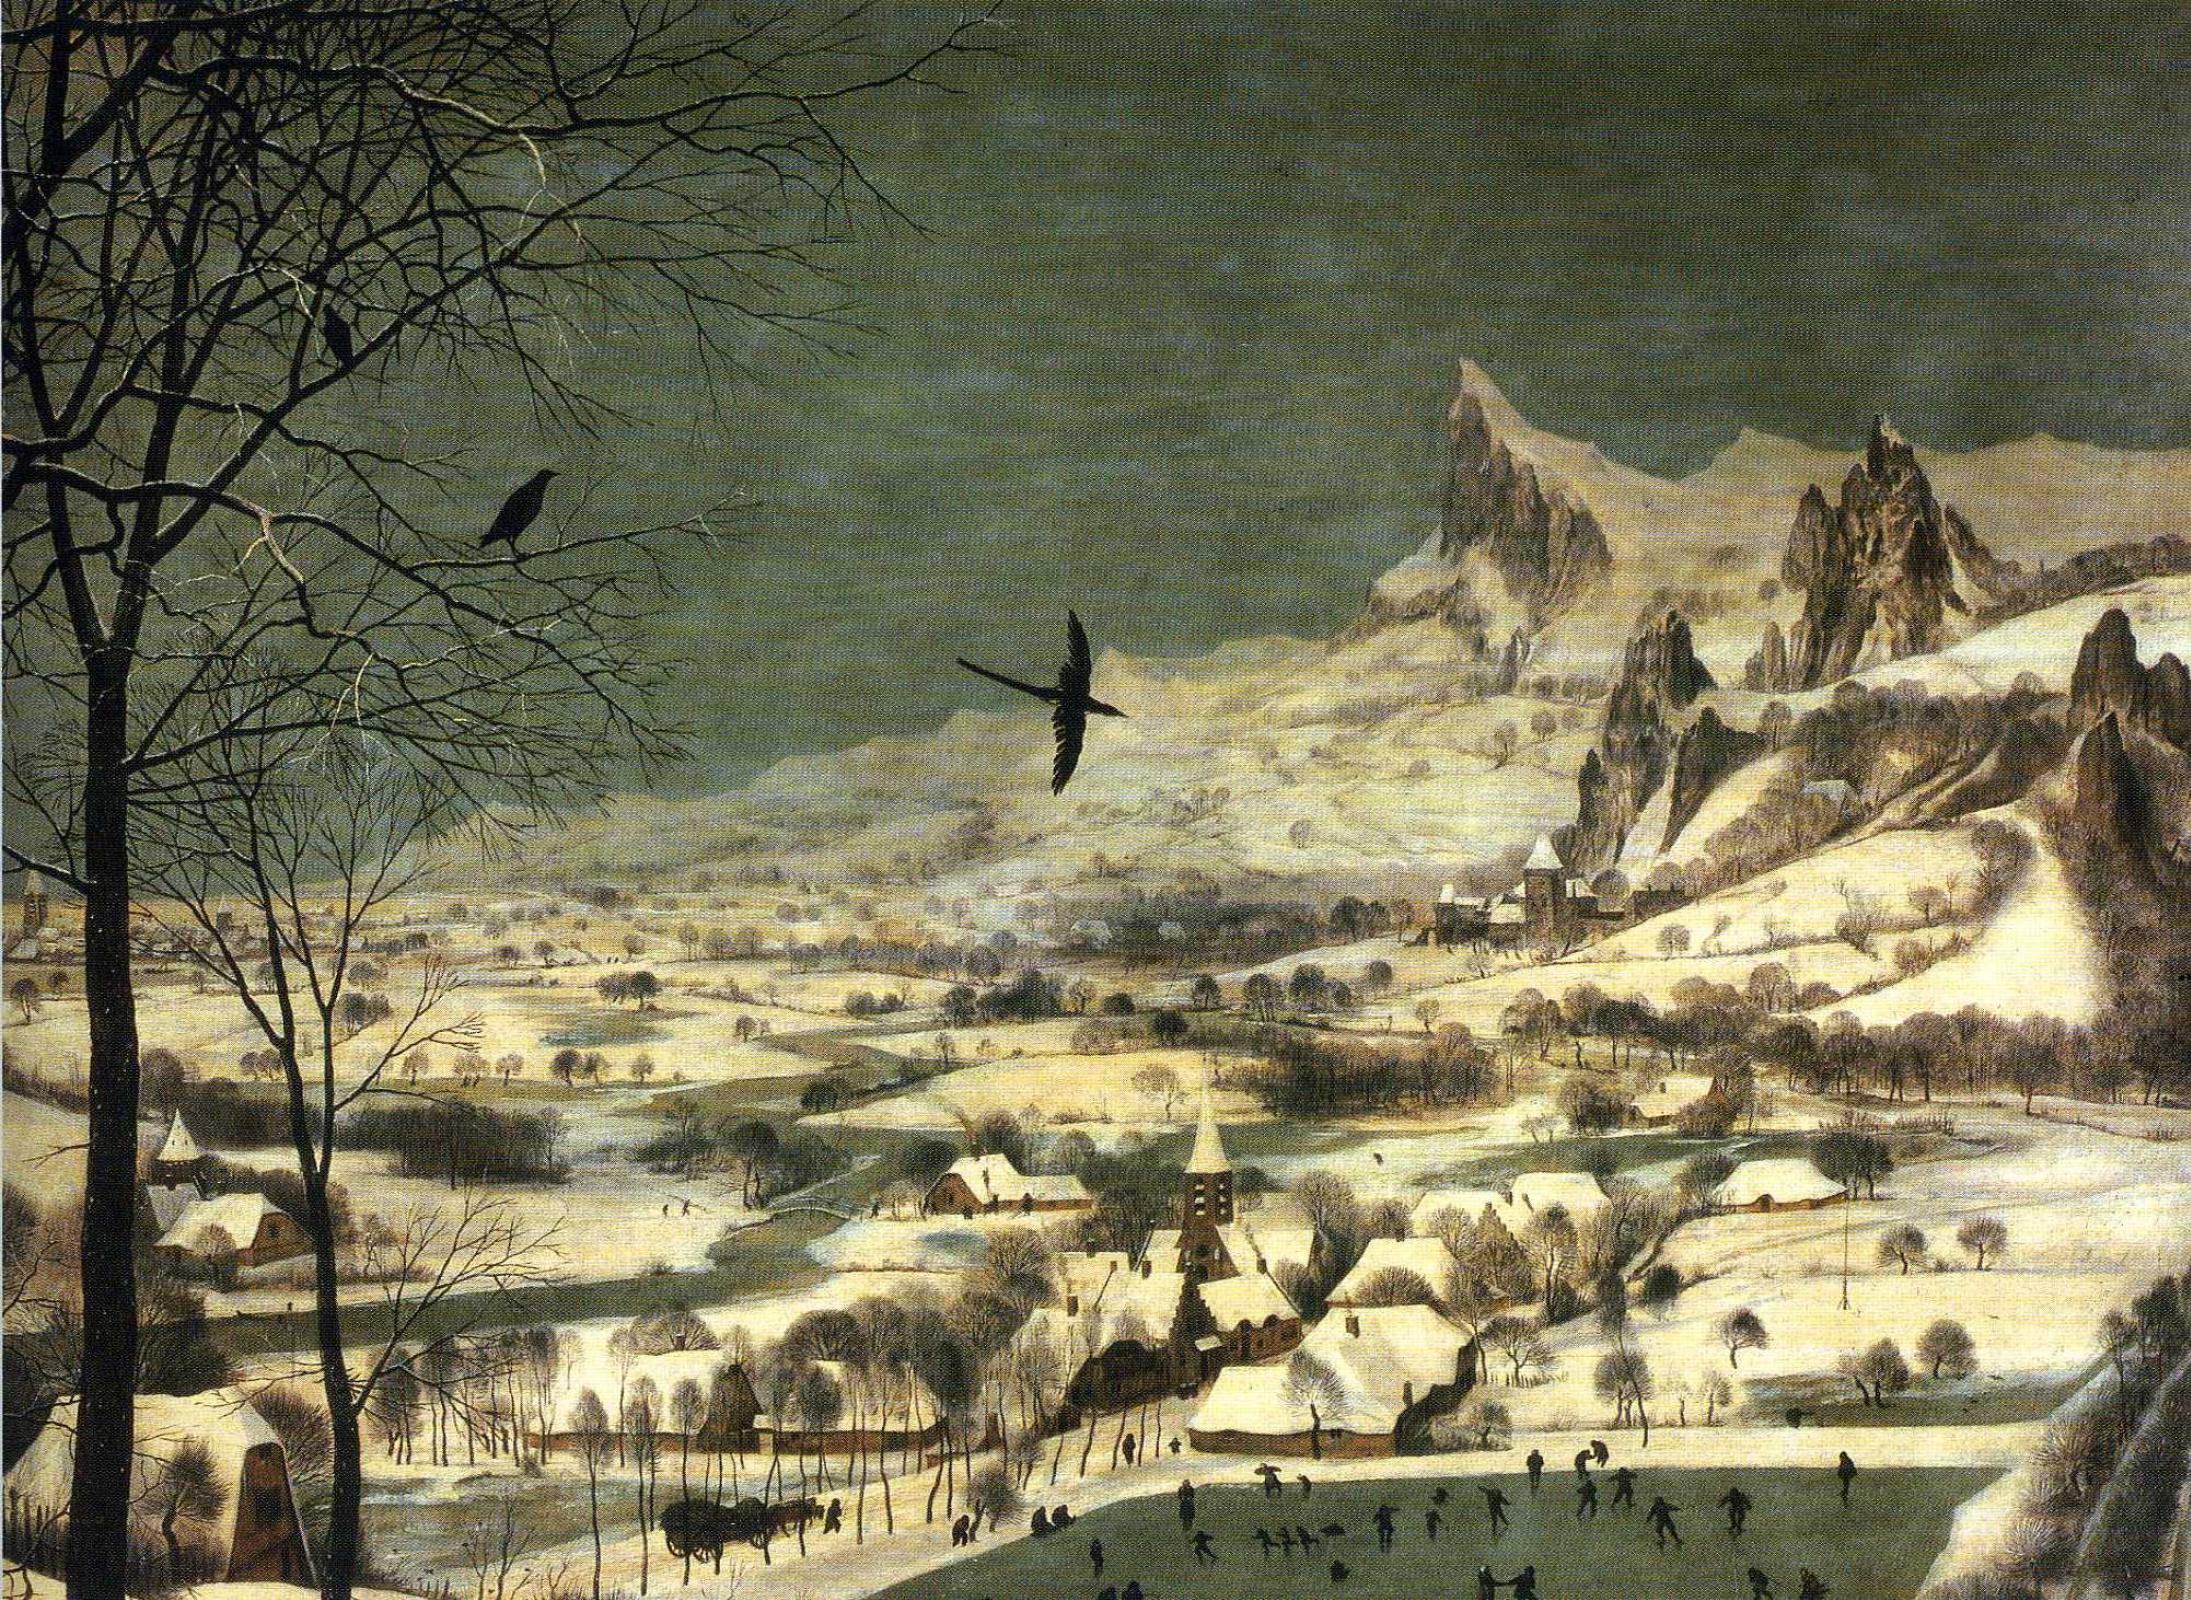 Питер Брейгель Старший. Охотники на снегу. Фрагмент 5. Черный ворон